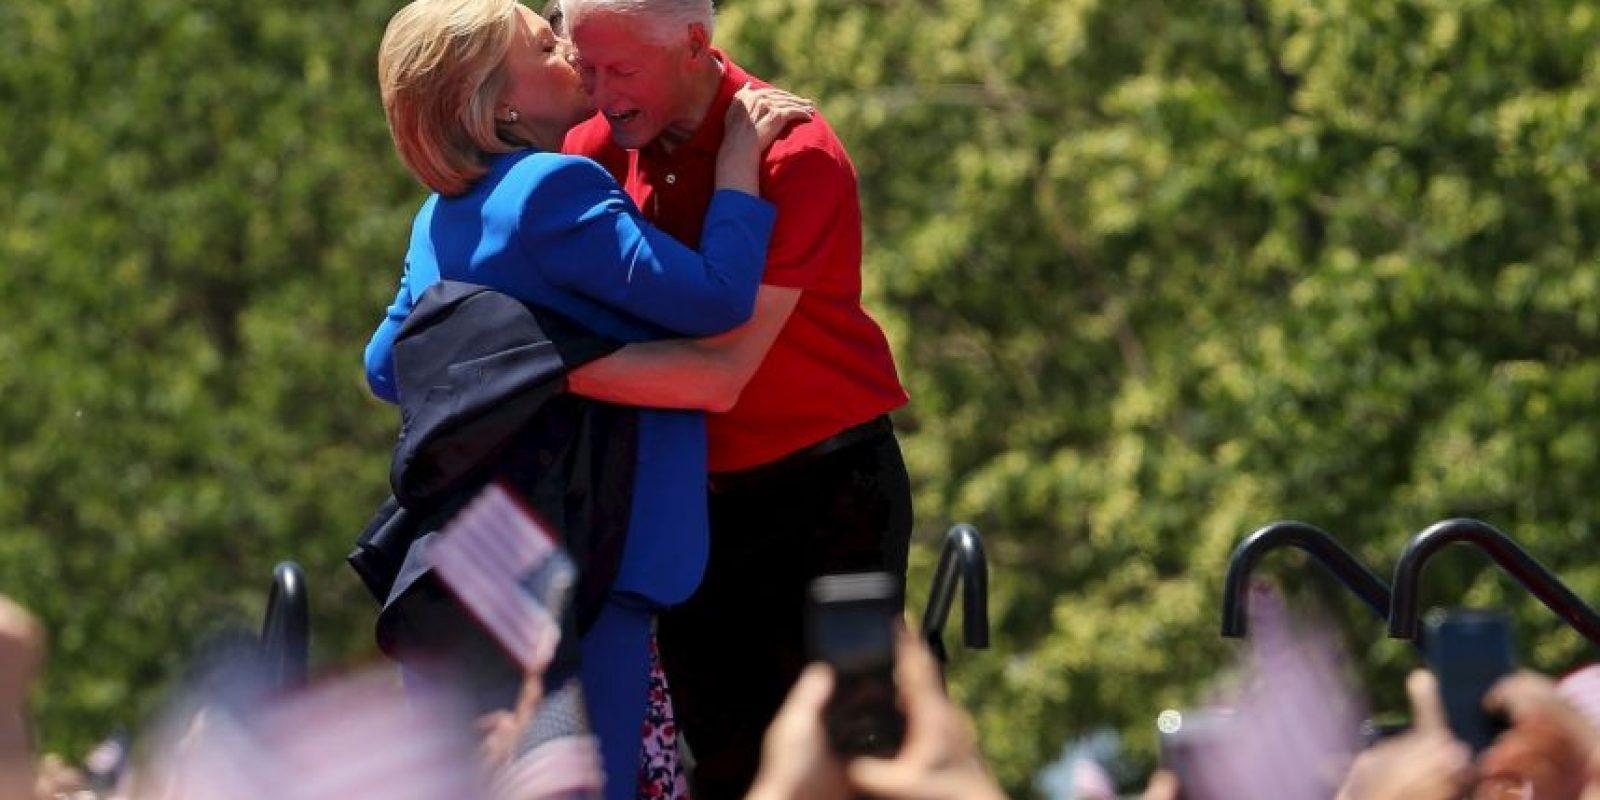 """7. Durante su mandato tuvo un escándalo por tener una """"relación inapropiada"""" con la becaria Mónica Lewinsky. Foto:Getty Images"""